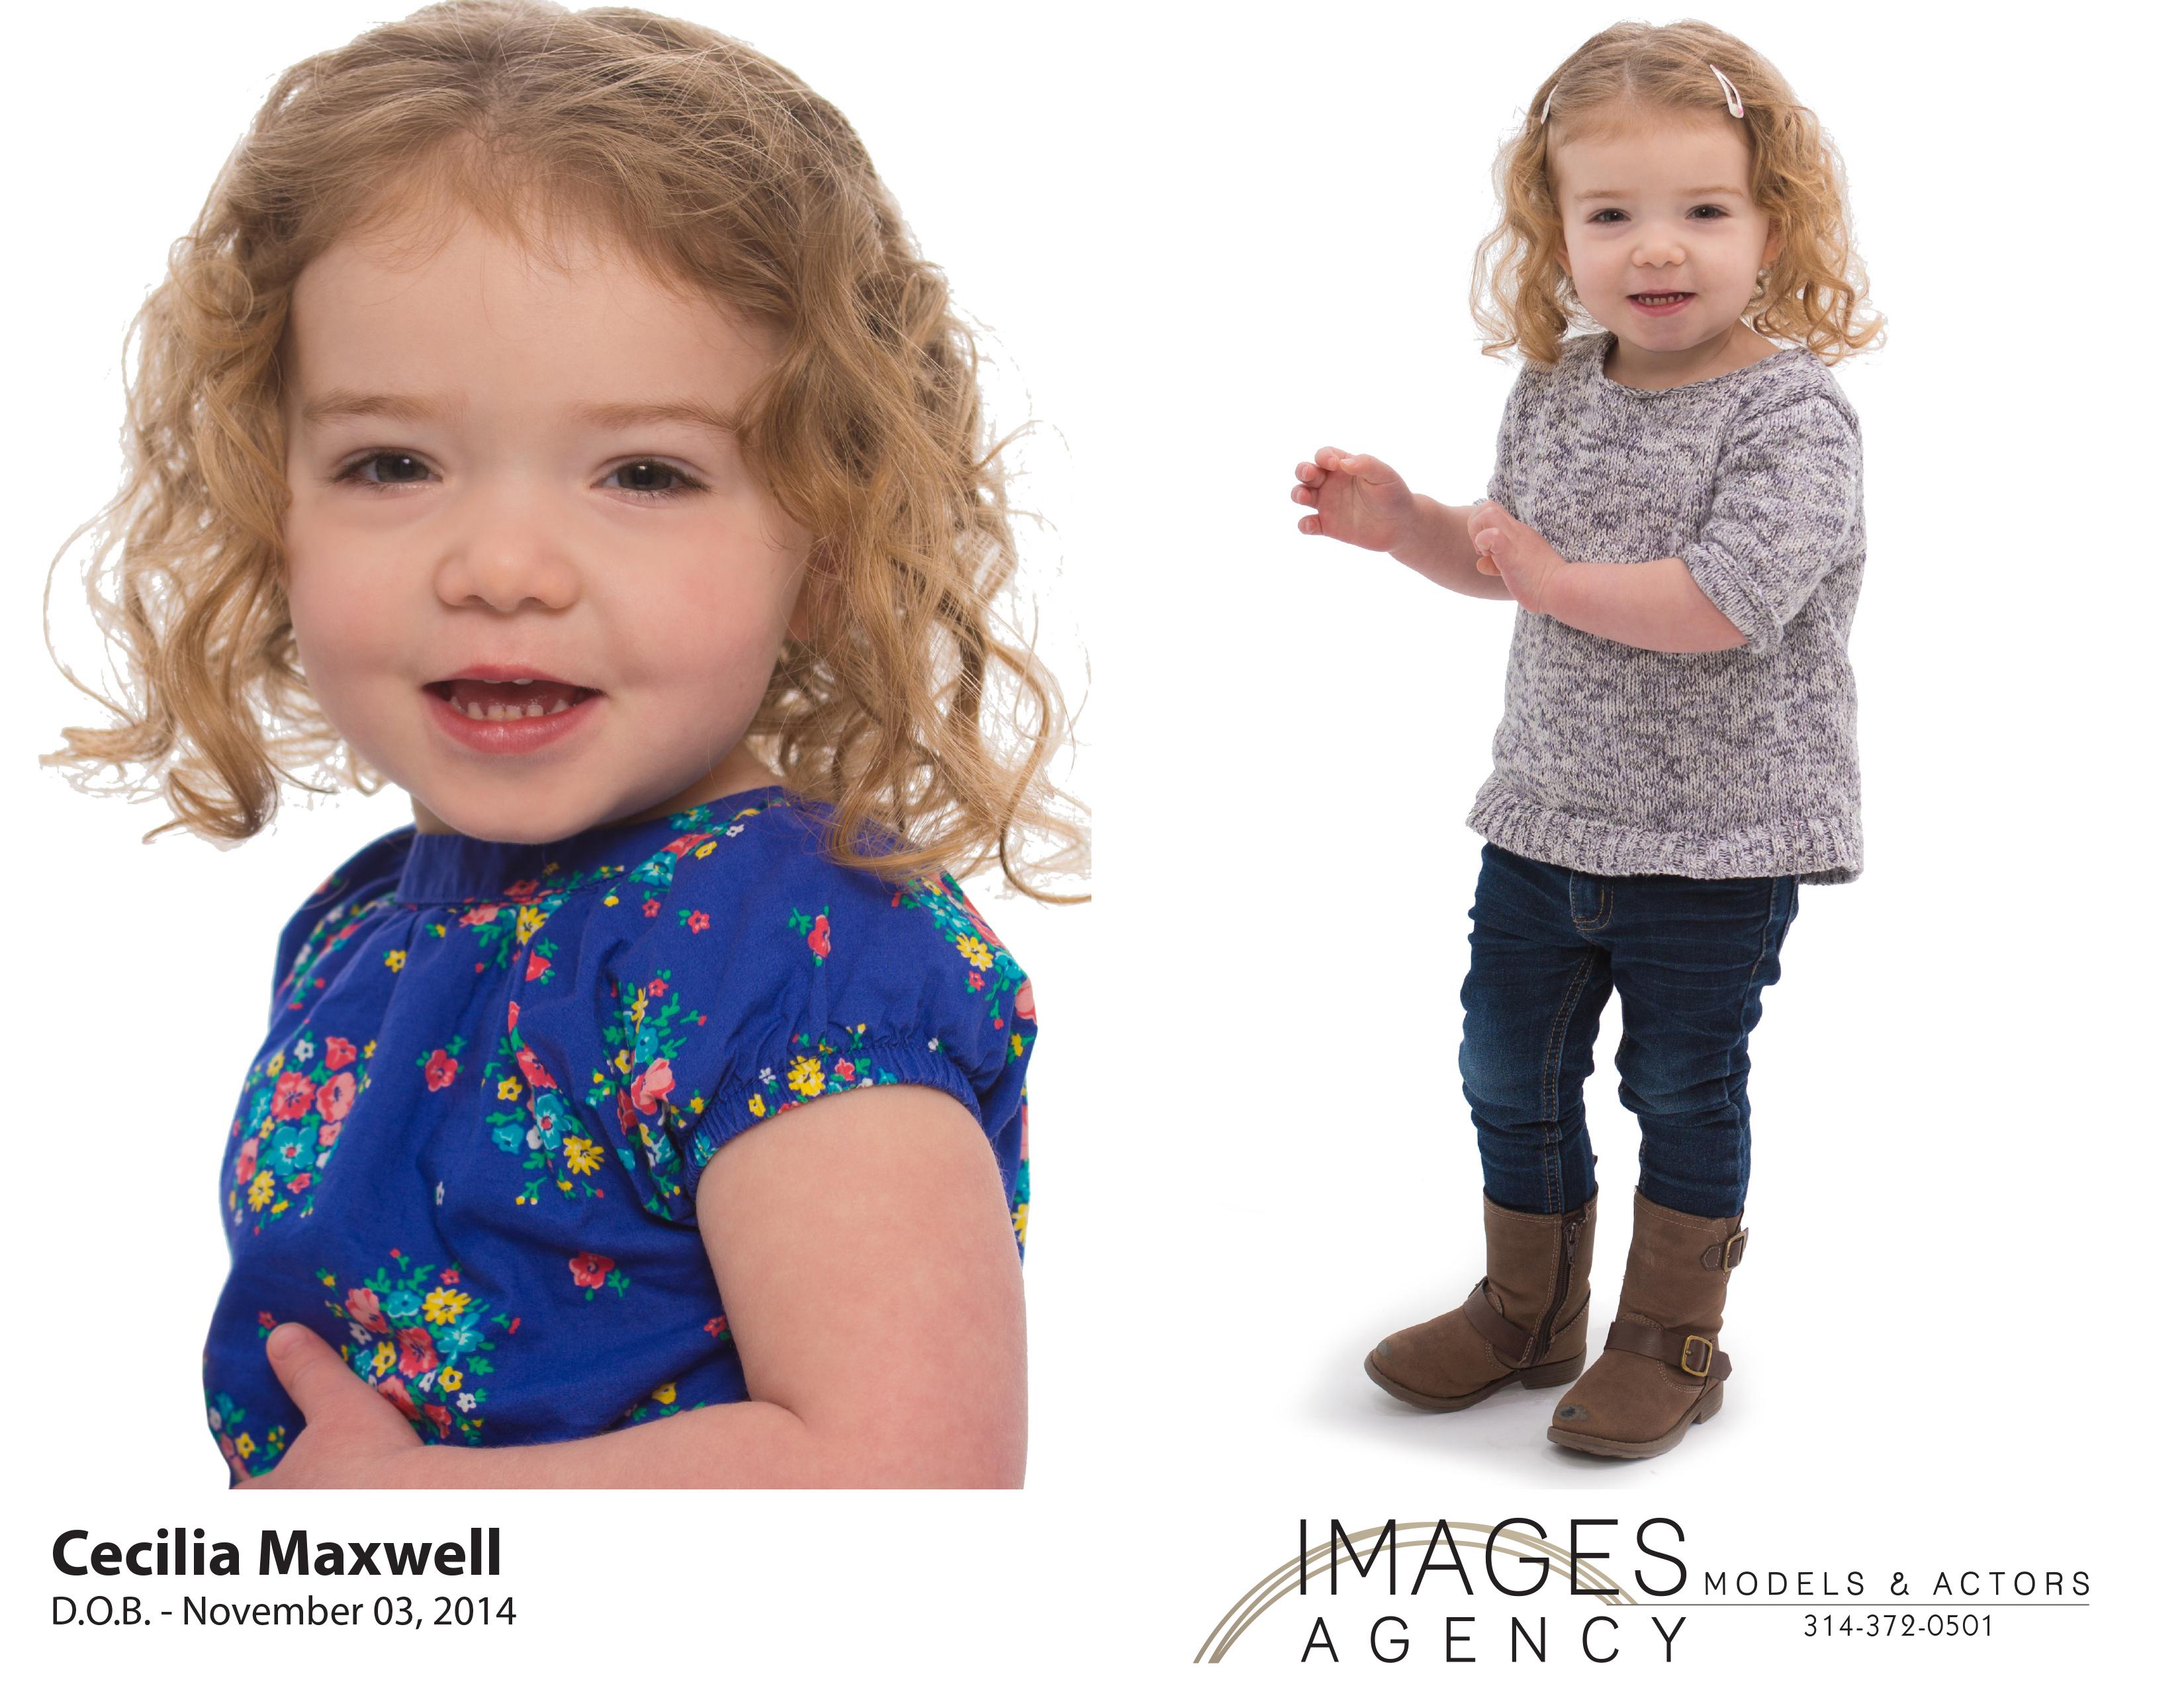 Cecilia Maxwell